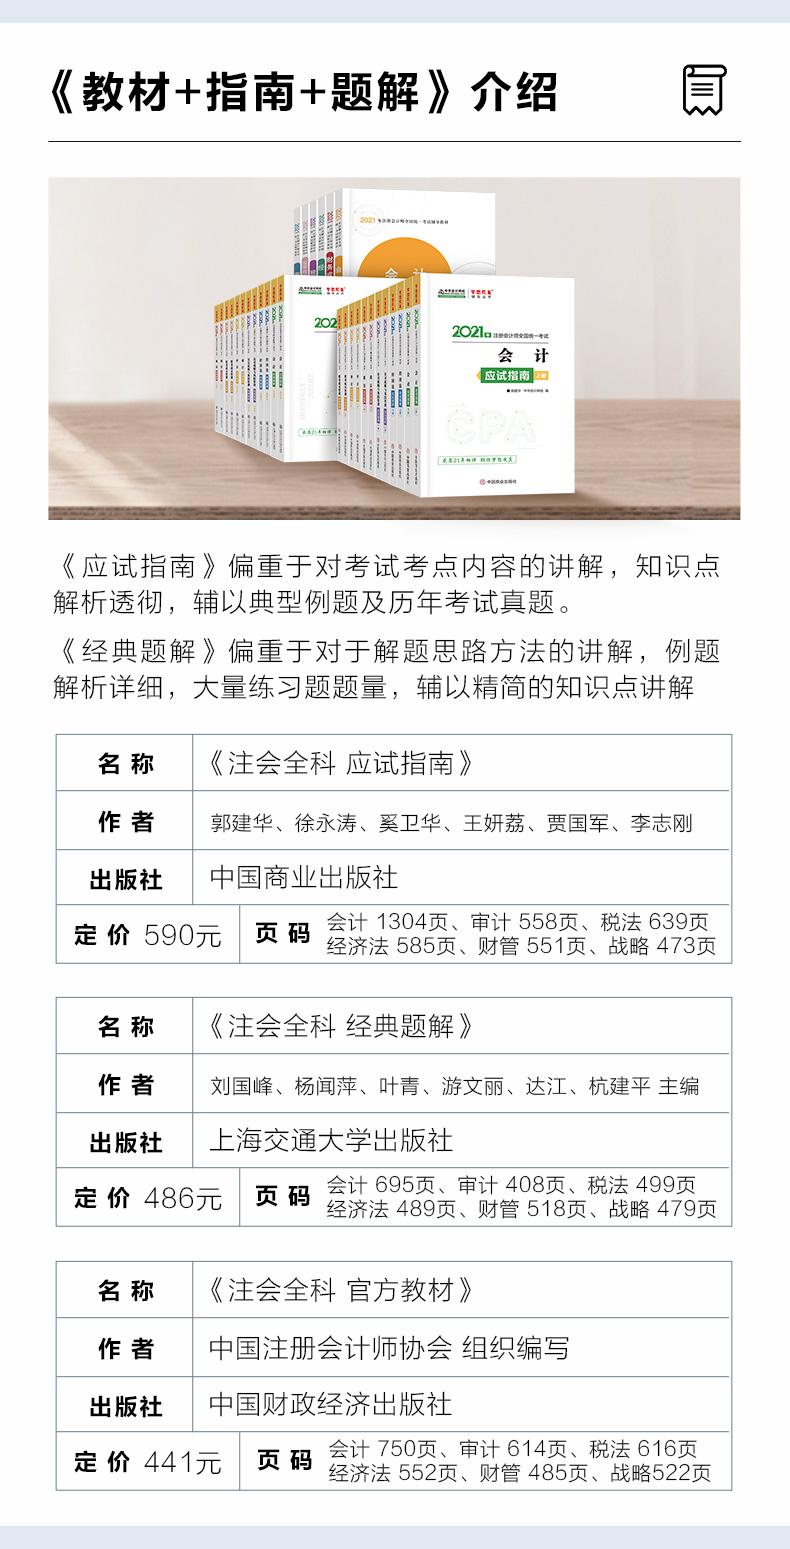 全科指南+题解+教材介绍